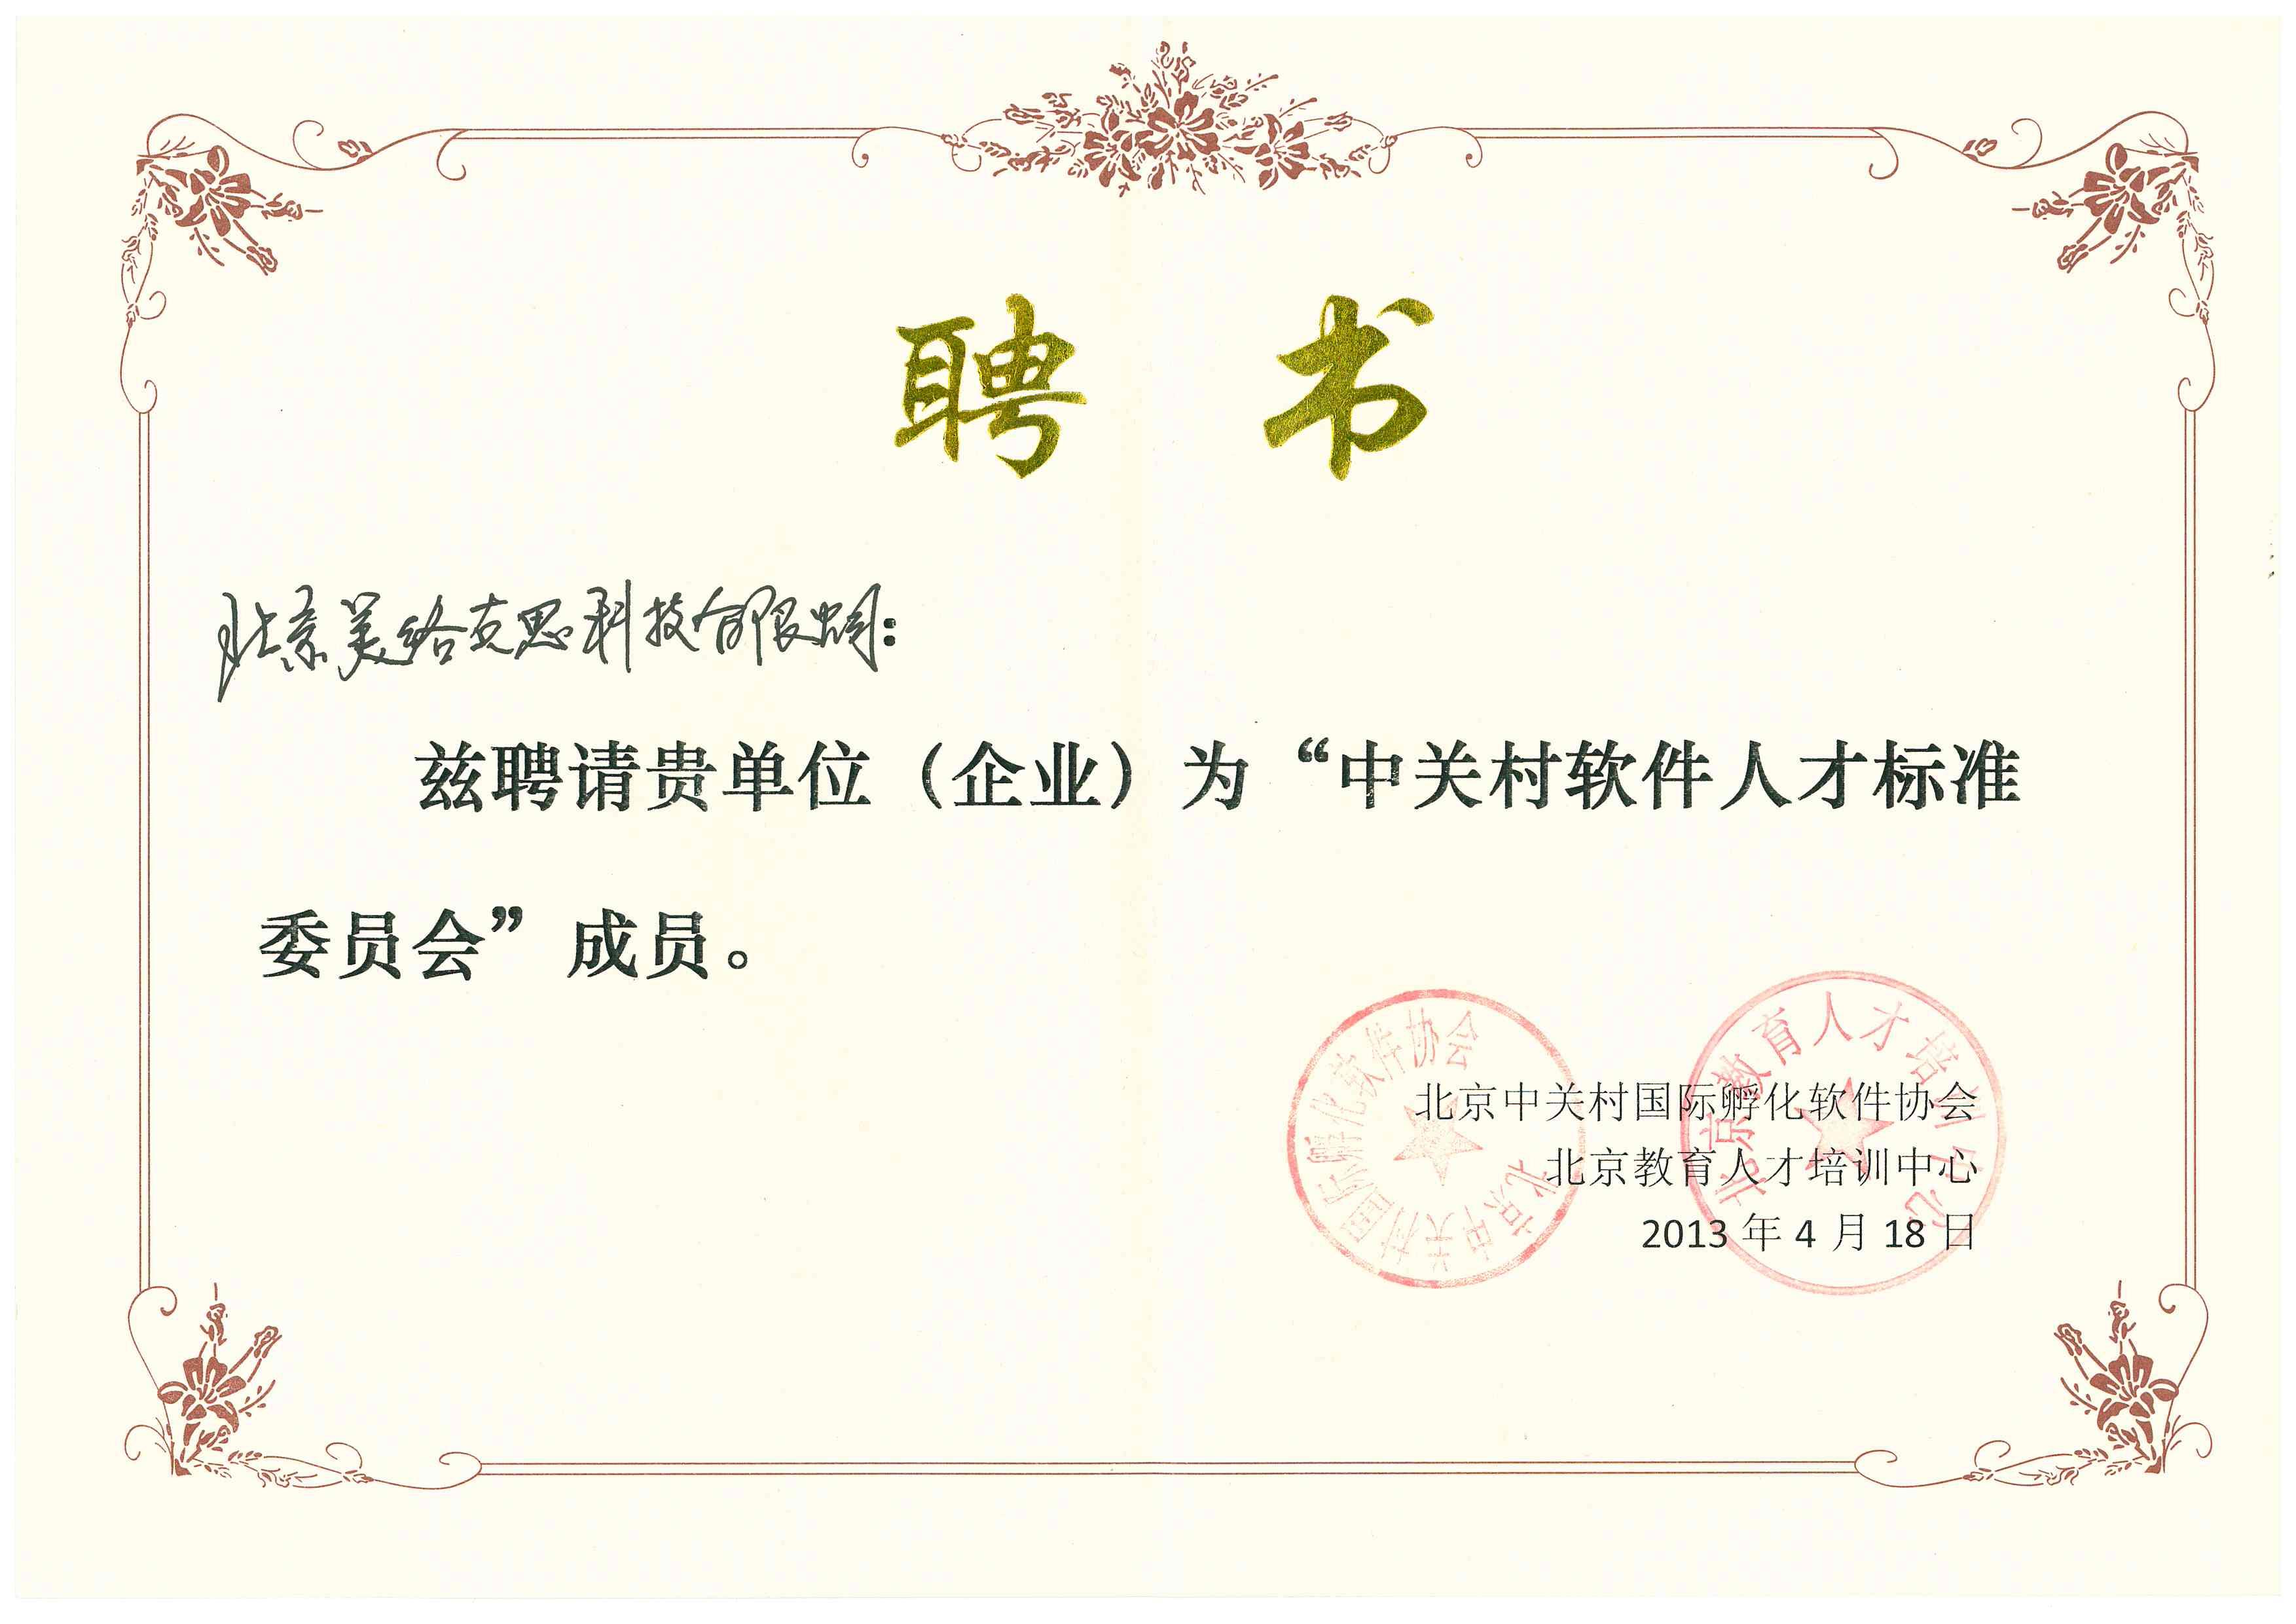 会-05-中关村软件人才标准委员会.jpg